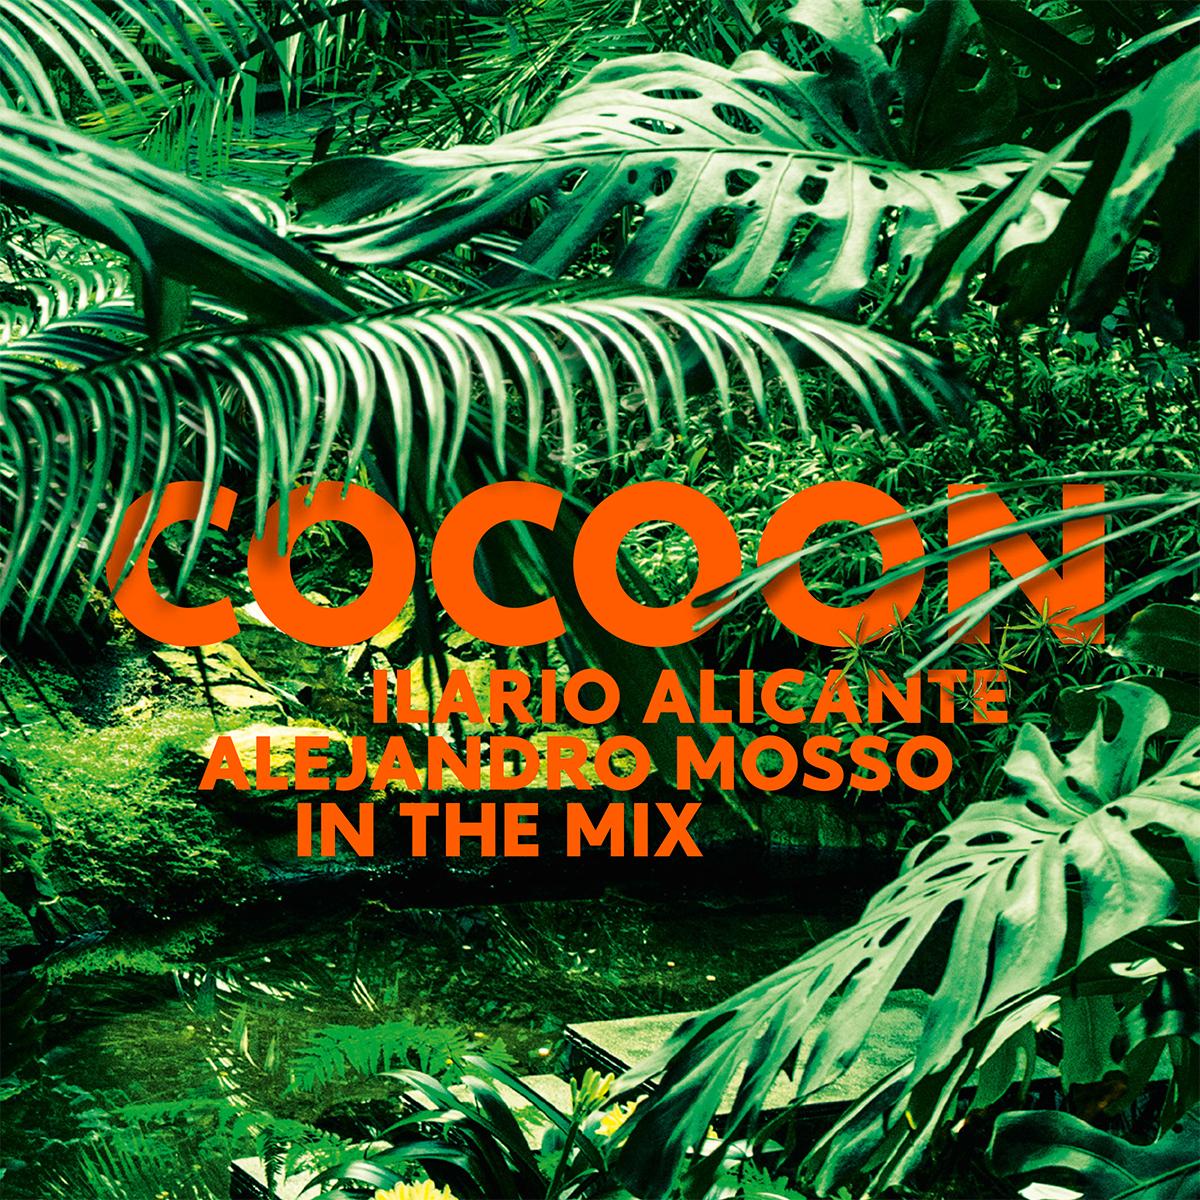 """Ilario Alicante & Alejandro Mosso mixen """"Cocoon Ibiza""""!"""